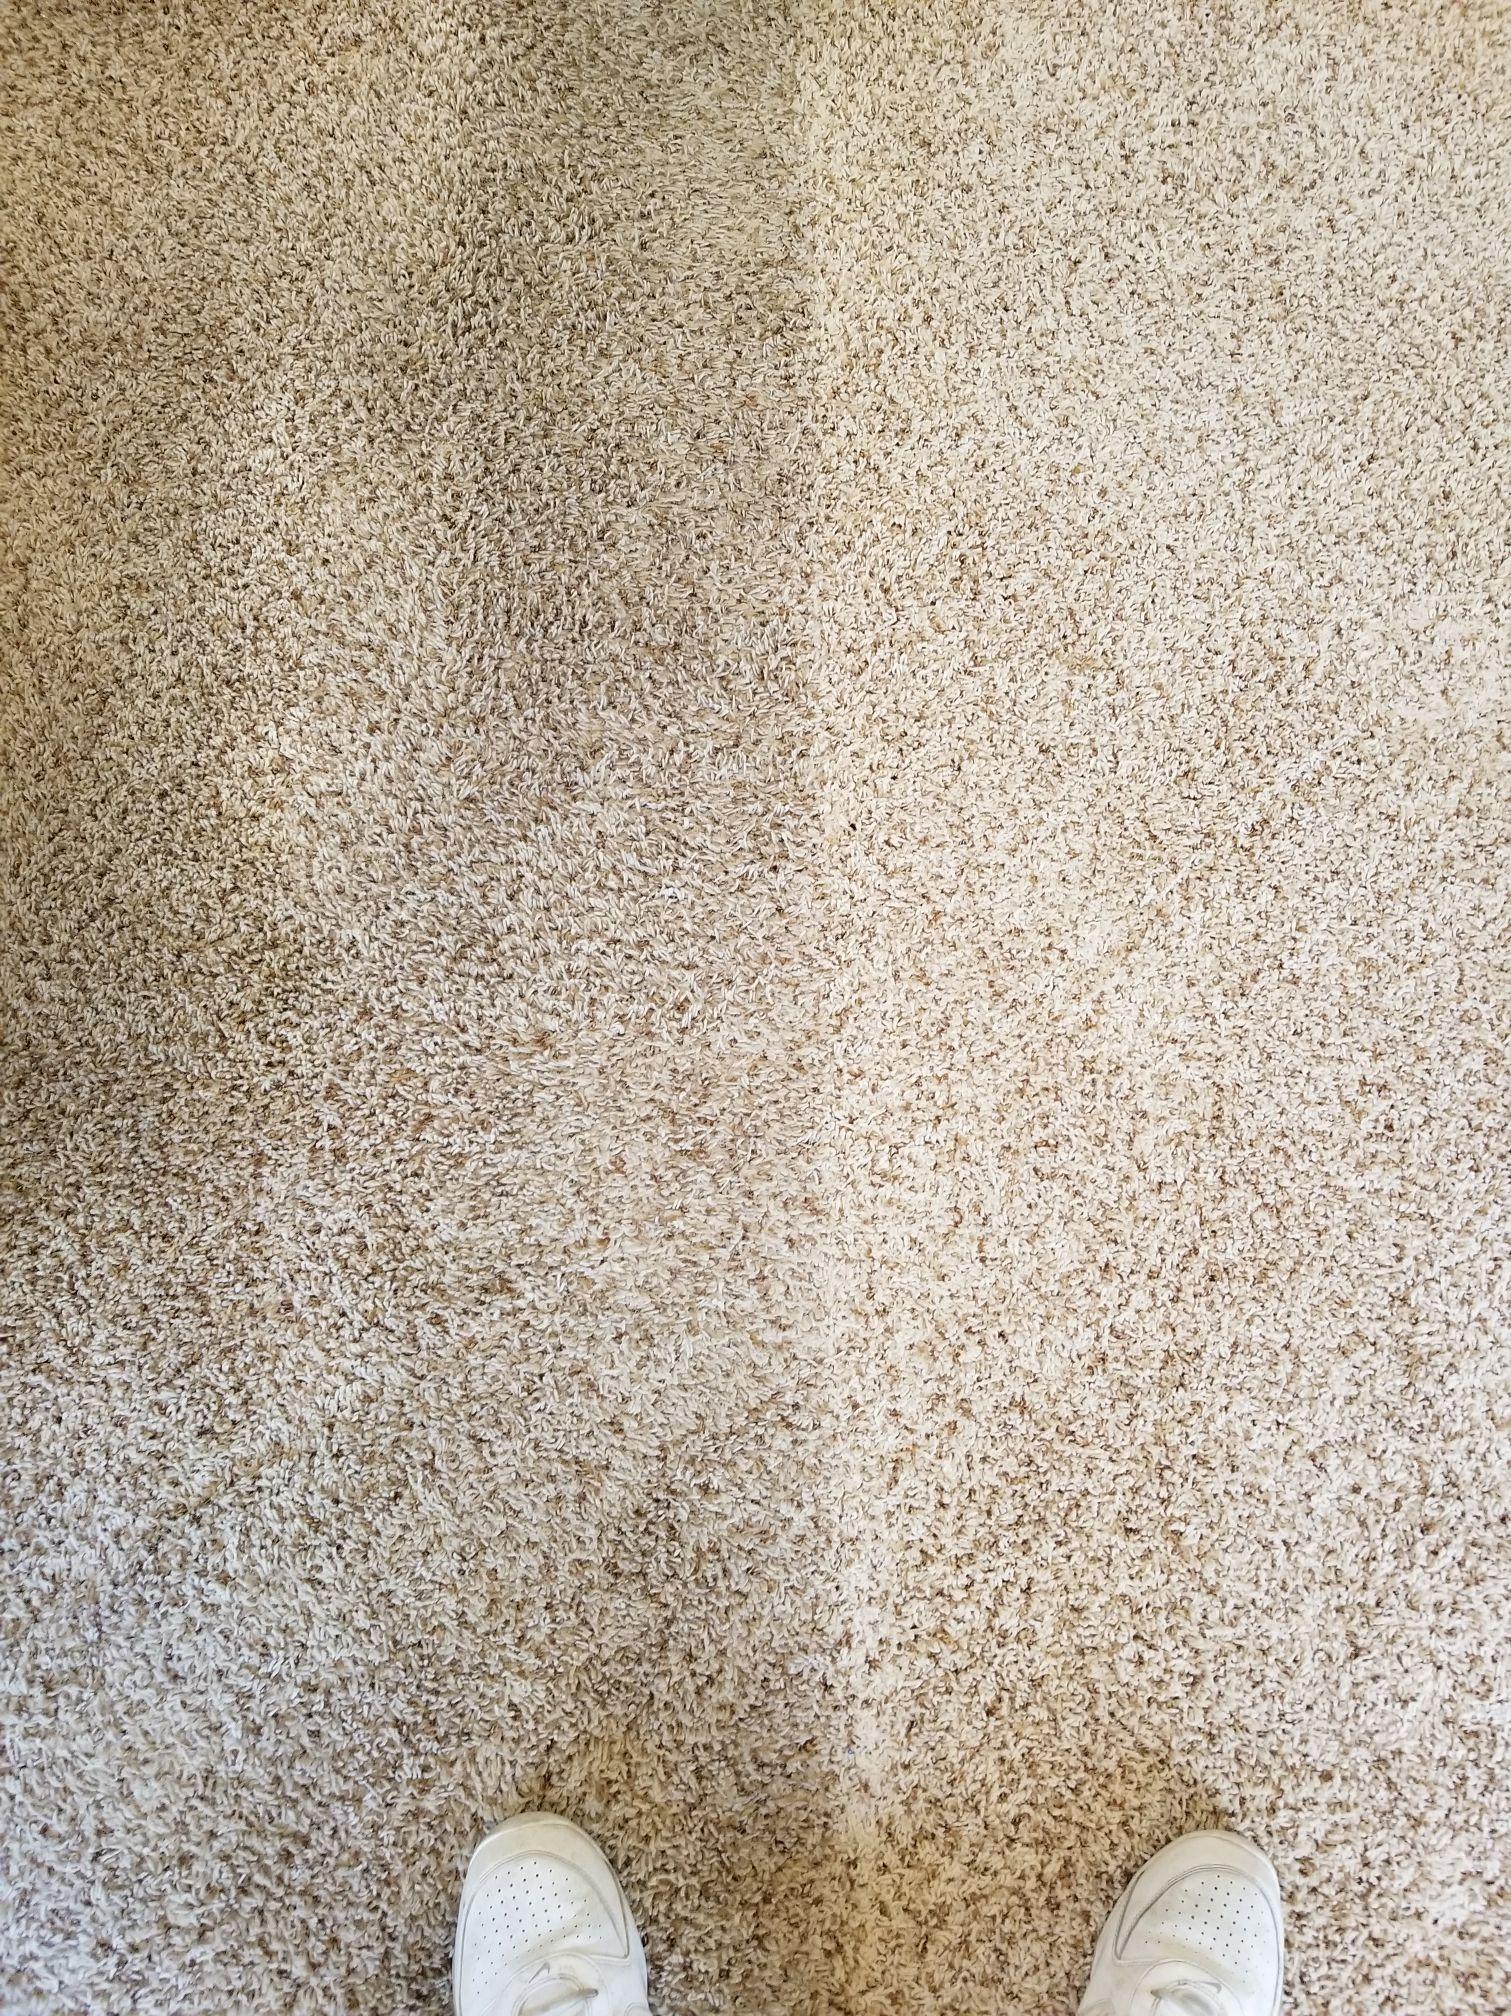 Royal Carpet Care Las Vegas Nevada Nv Localdatabase Com